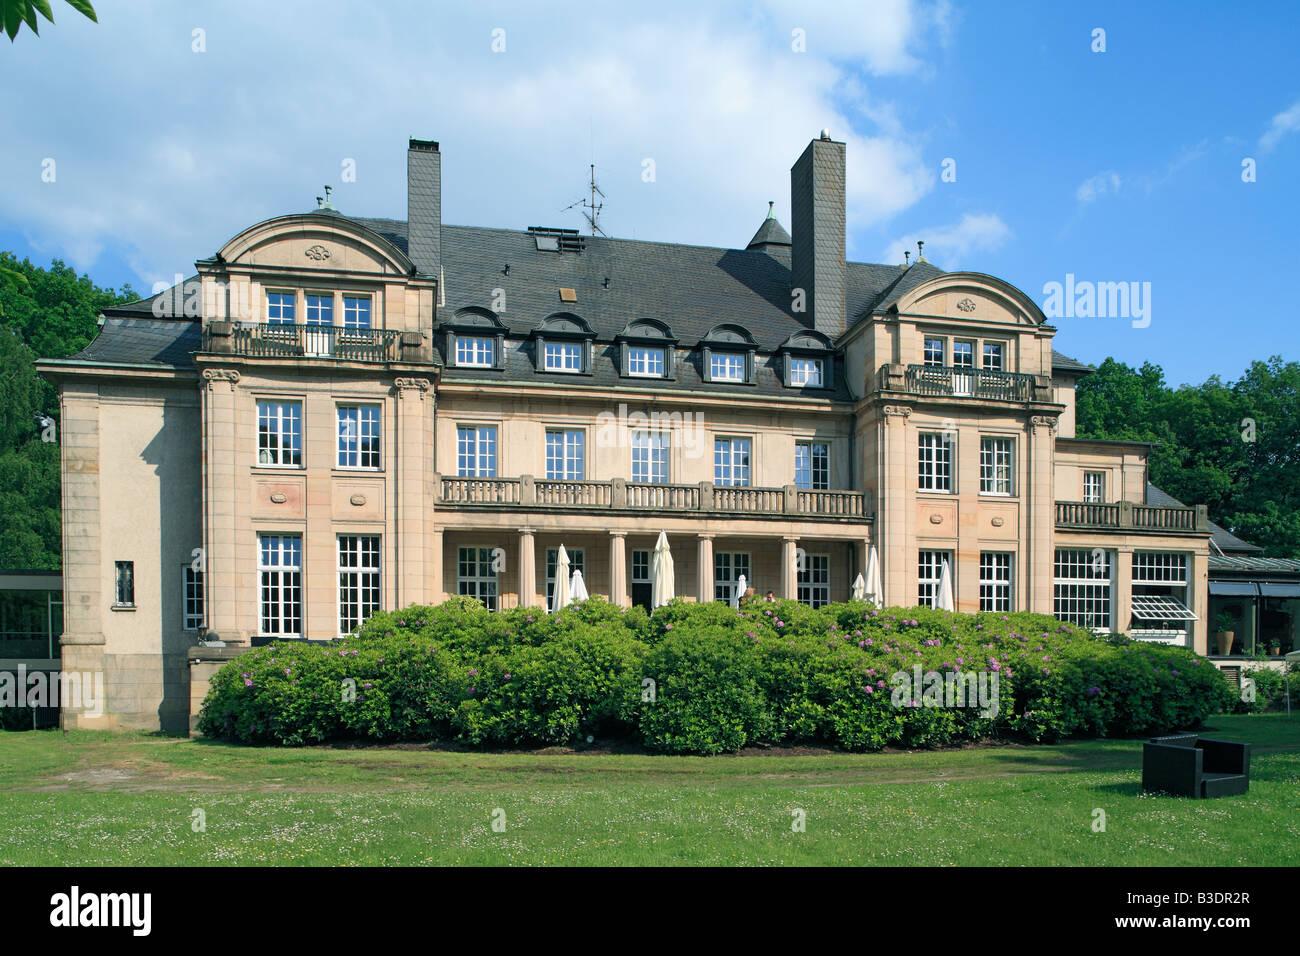 route der industriekultur haus kuechen in muelheim broich dr stock photo 19357823 alamy. Black Bedroom Furniture Sets. Home Design Ideas